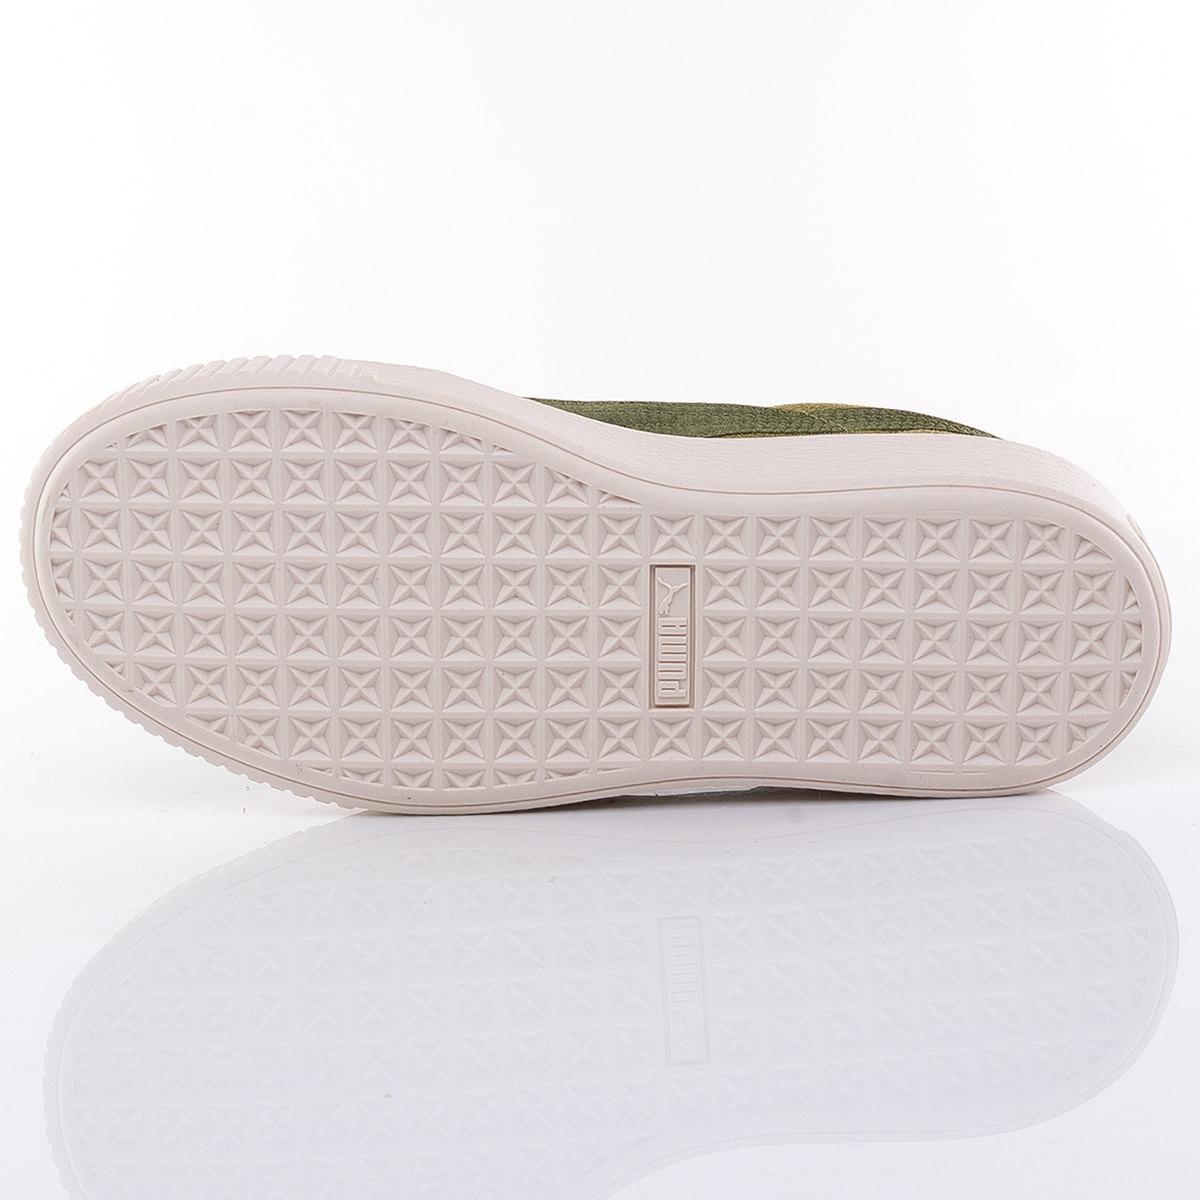 1e292ea7fa8 zapatillas suede platform mono puma puma tienda oficial. Cargando zoom.